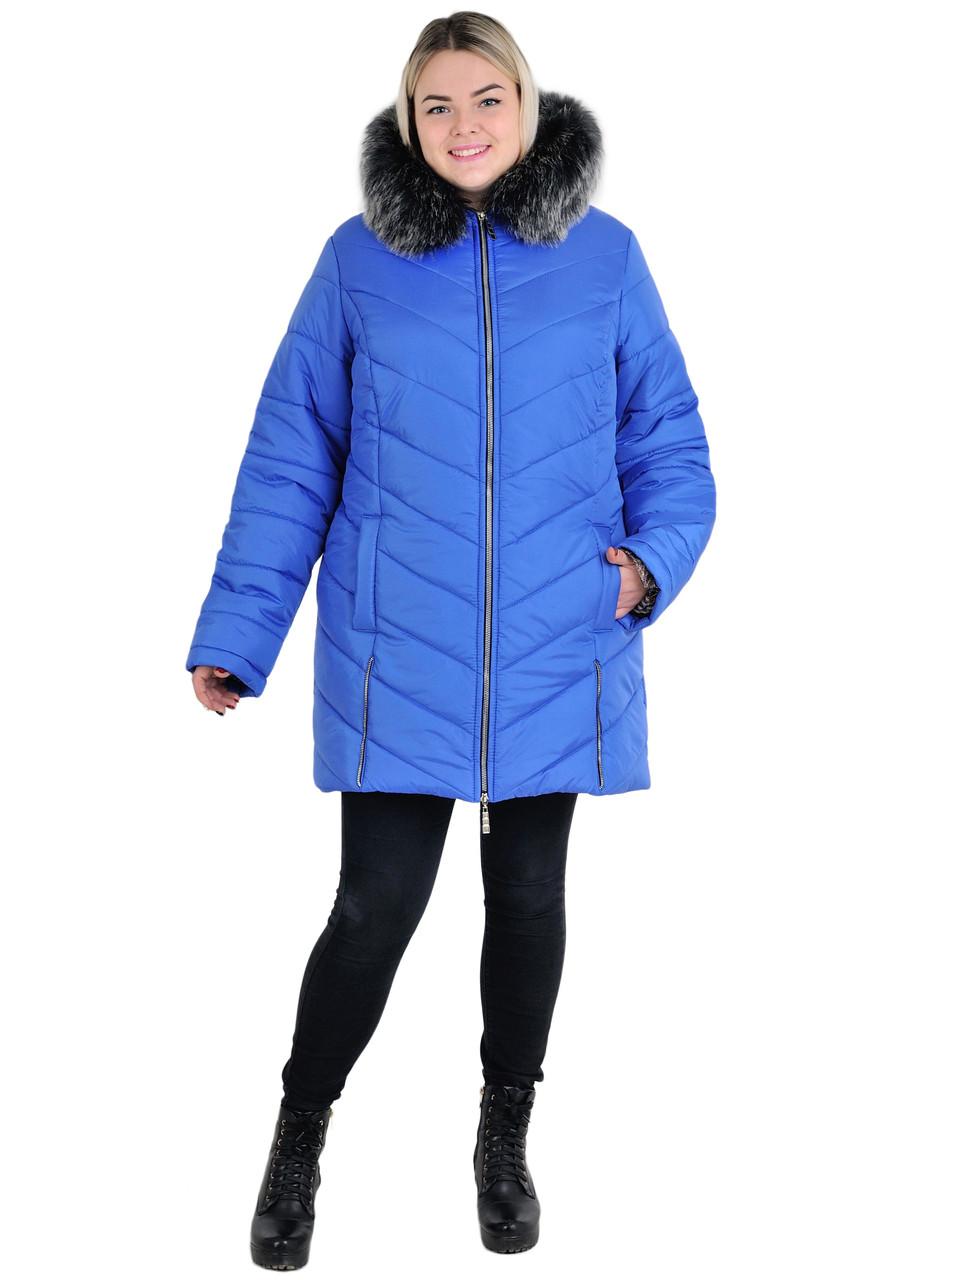 Куртка жіноча зимова подовжена модель Змійка, розміри від 54 до 68, різні кольори